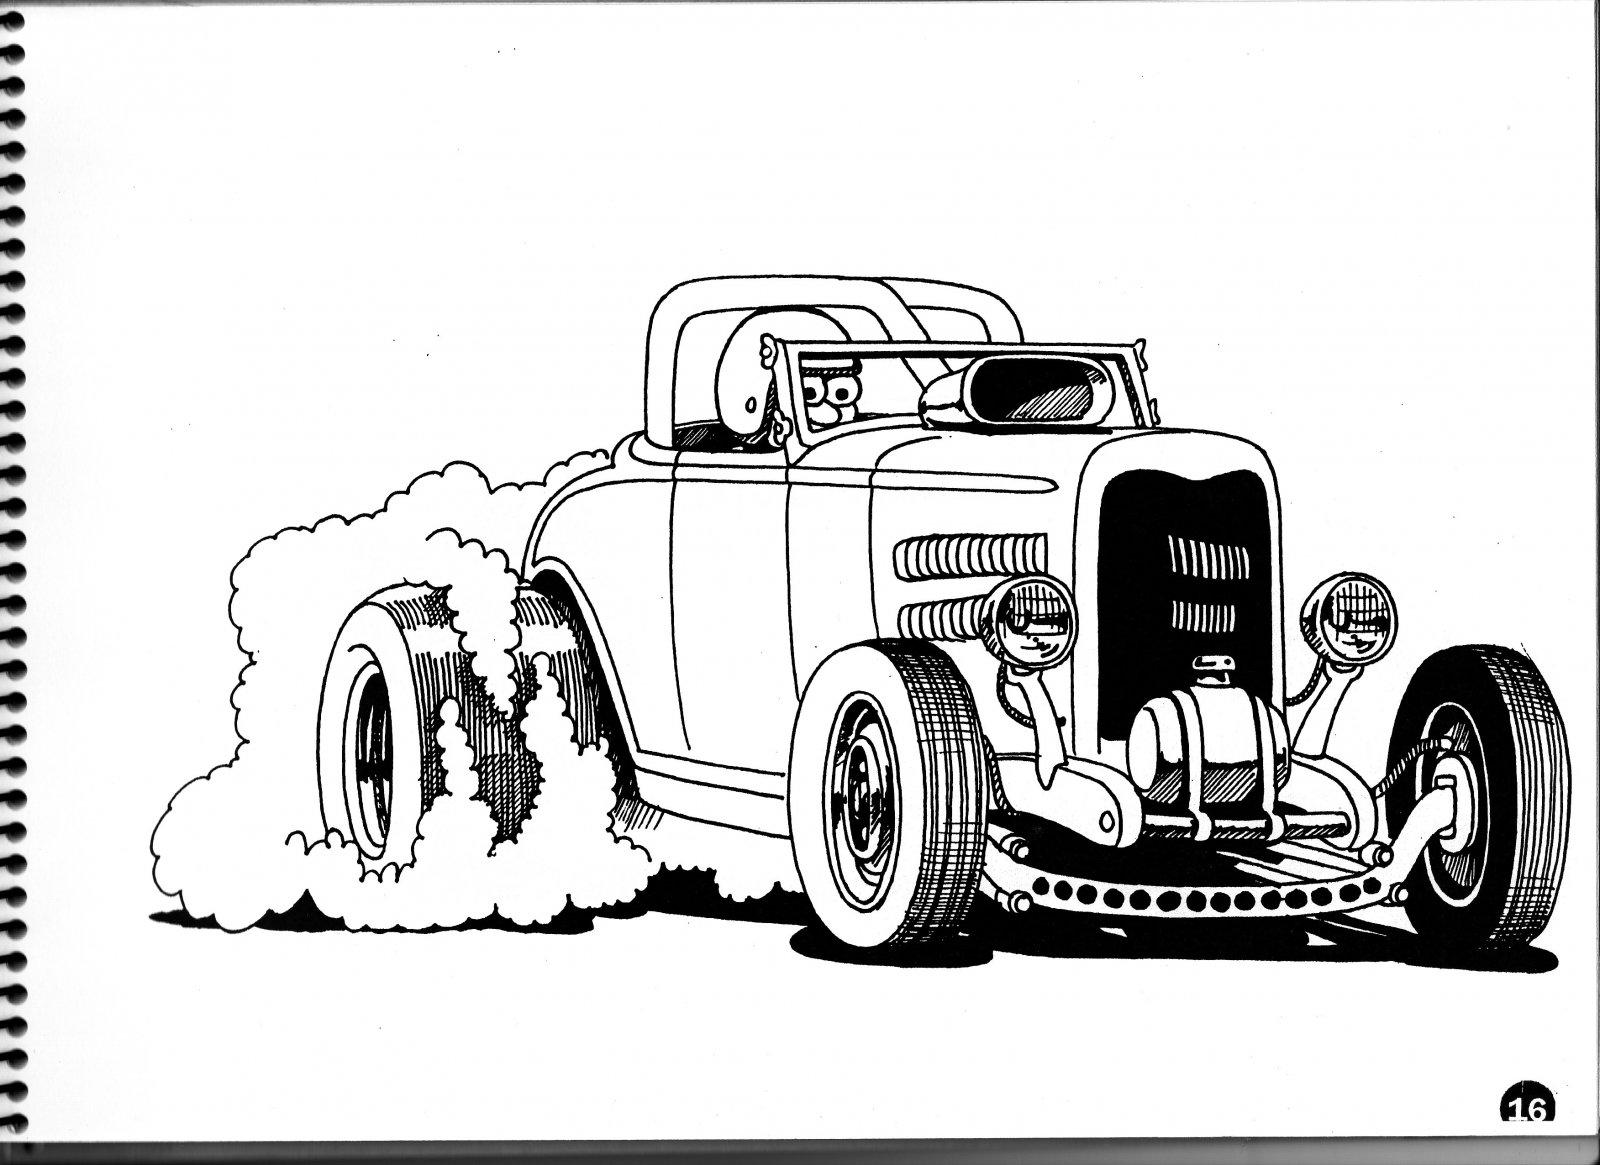 Cartoons_0015.jpg